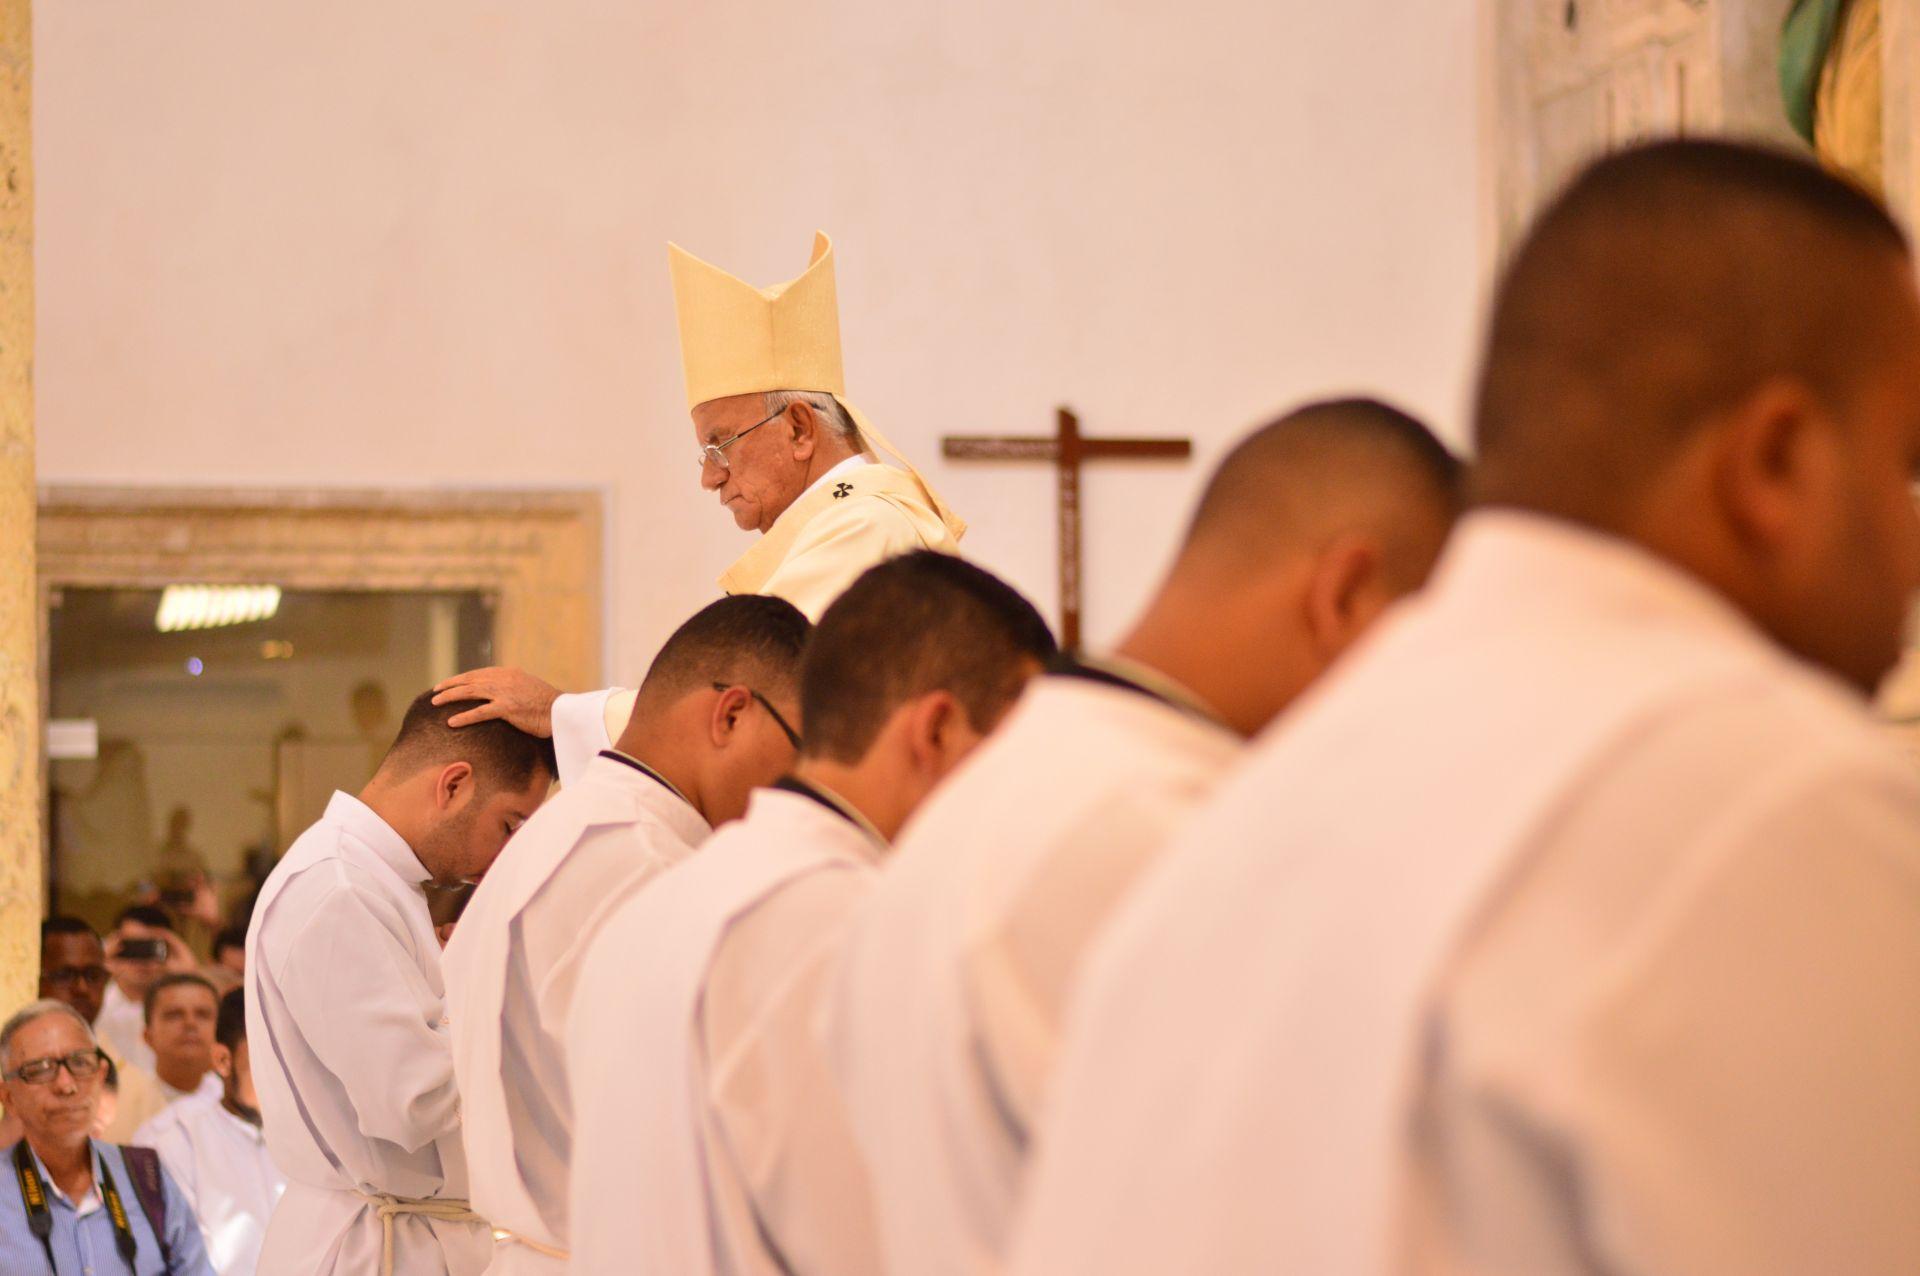 ksiądz księża priests